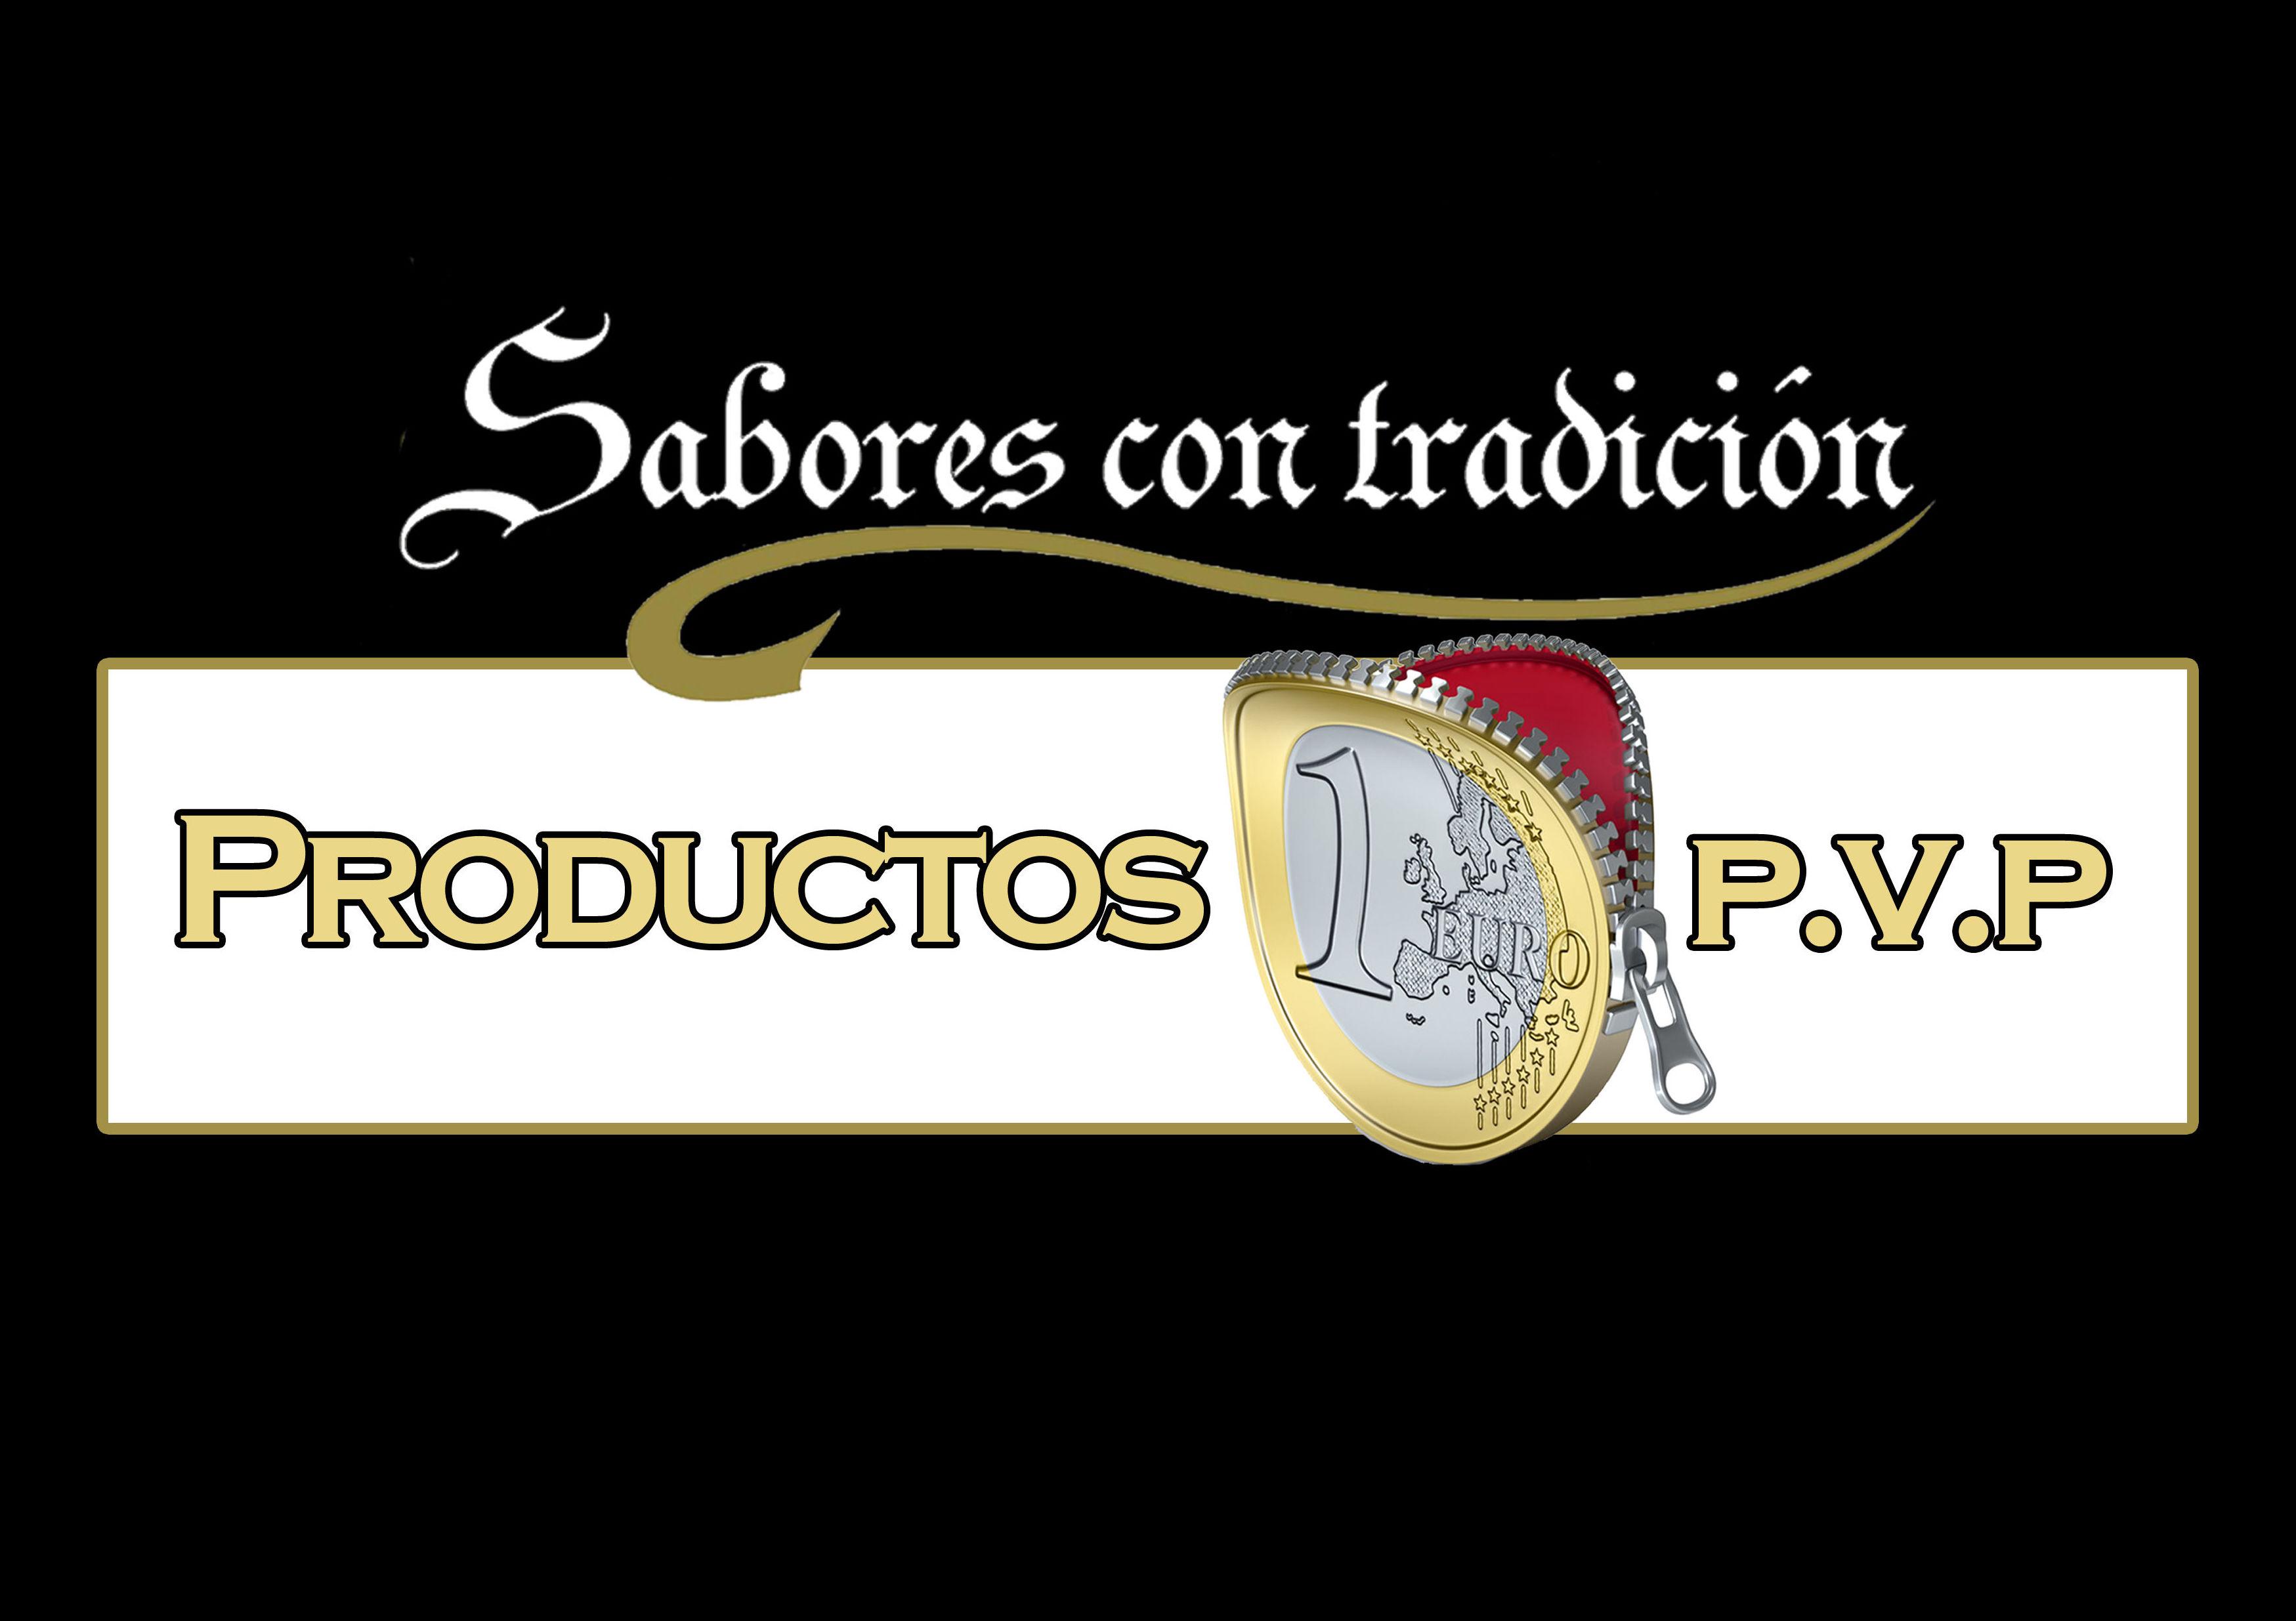 PRODUCTOS P.V.P 1 €